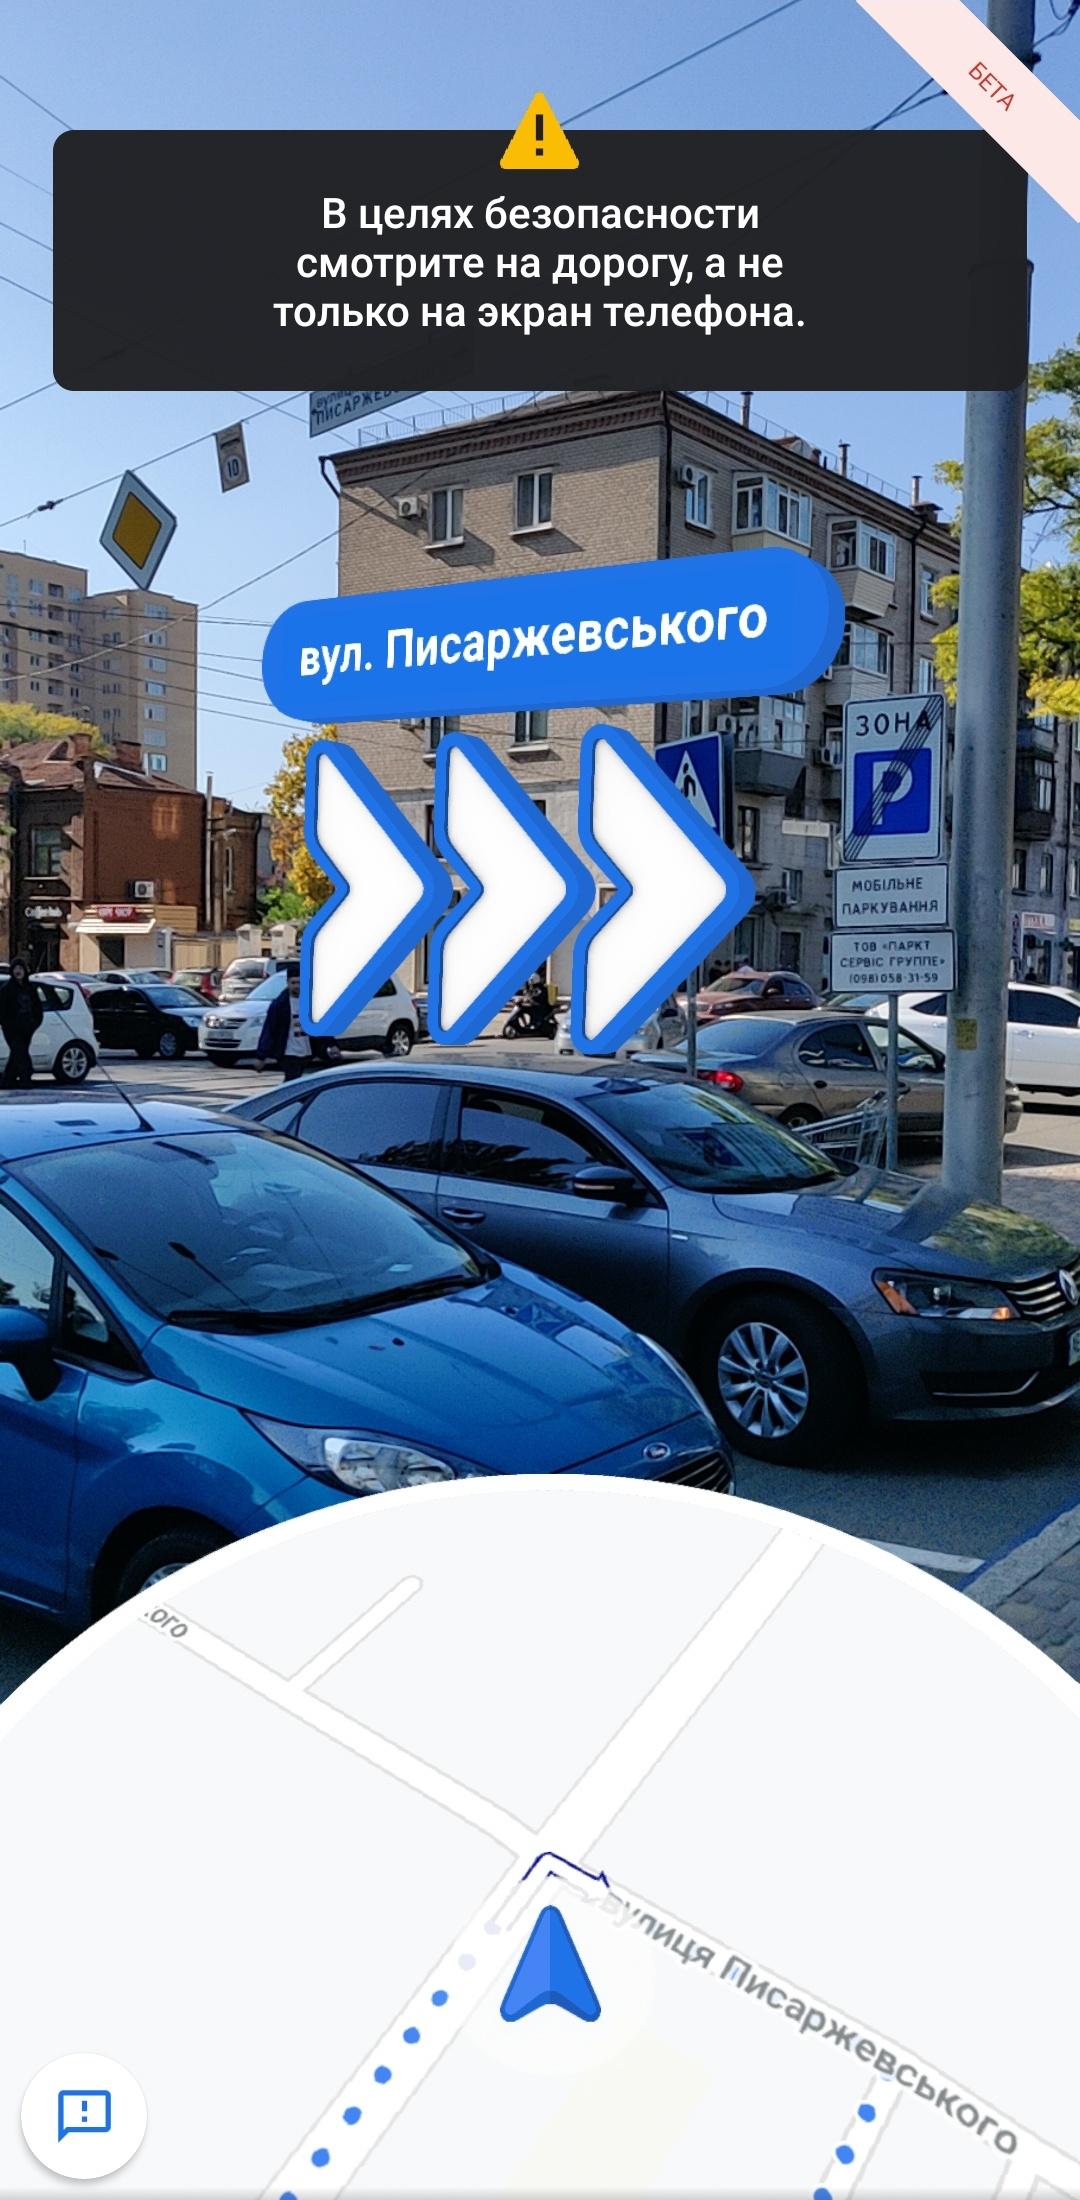 Остается только следовать указателям которые накладываются поверх изображения улиц через камеру